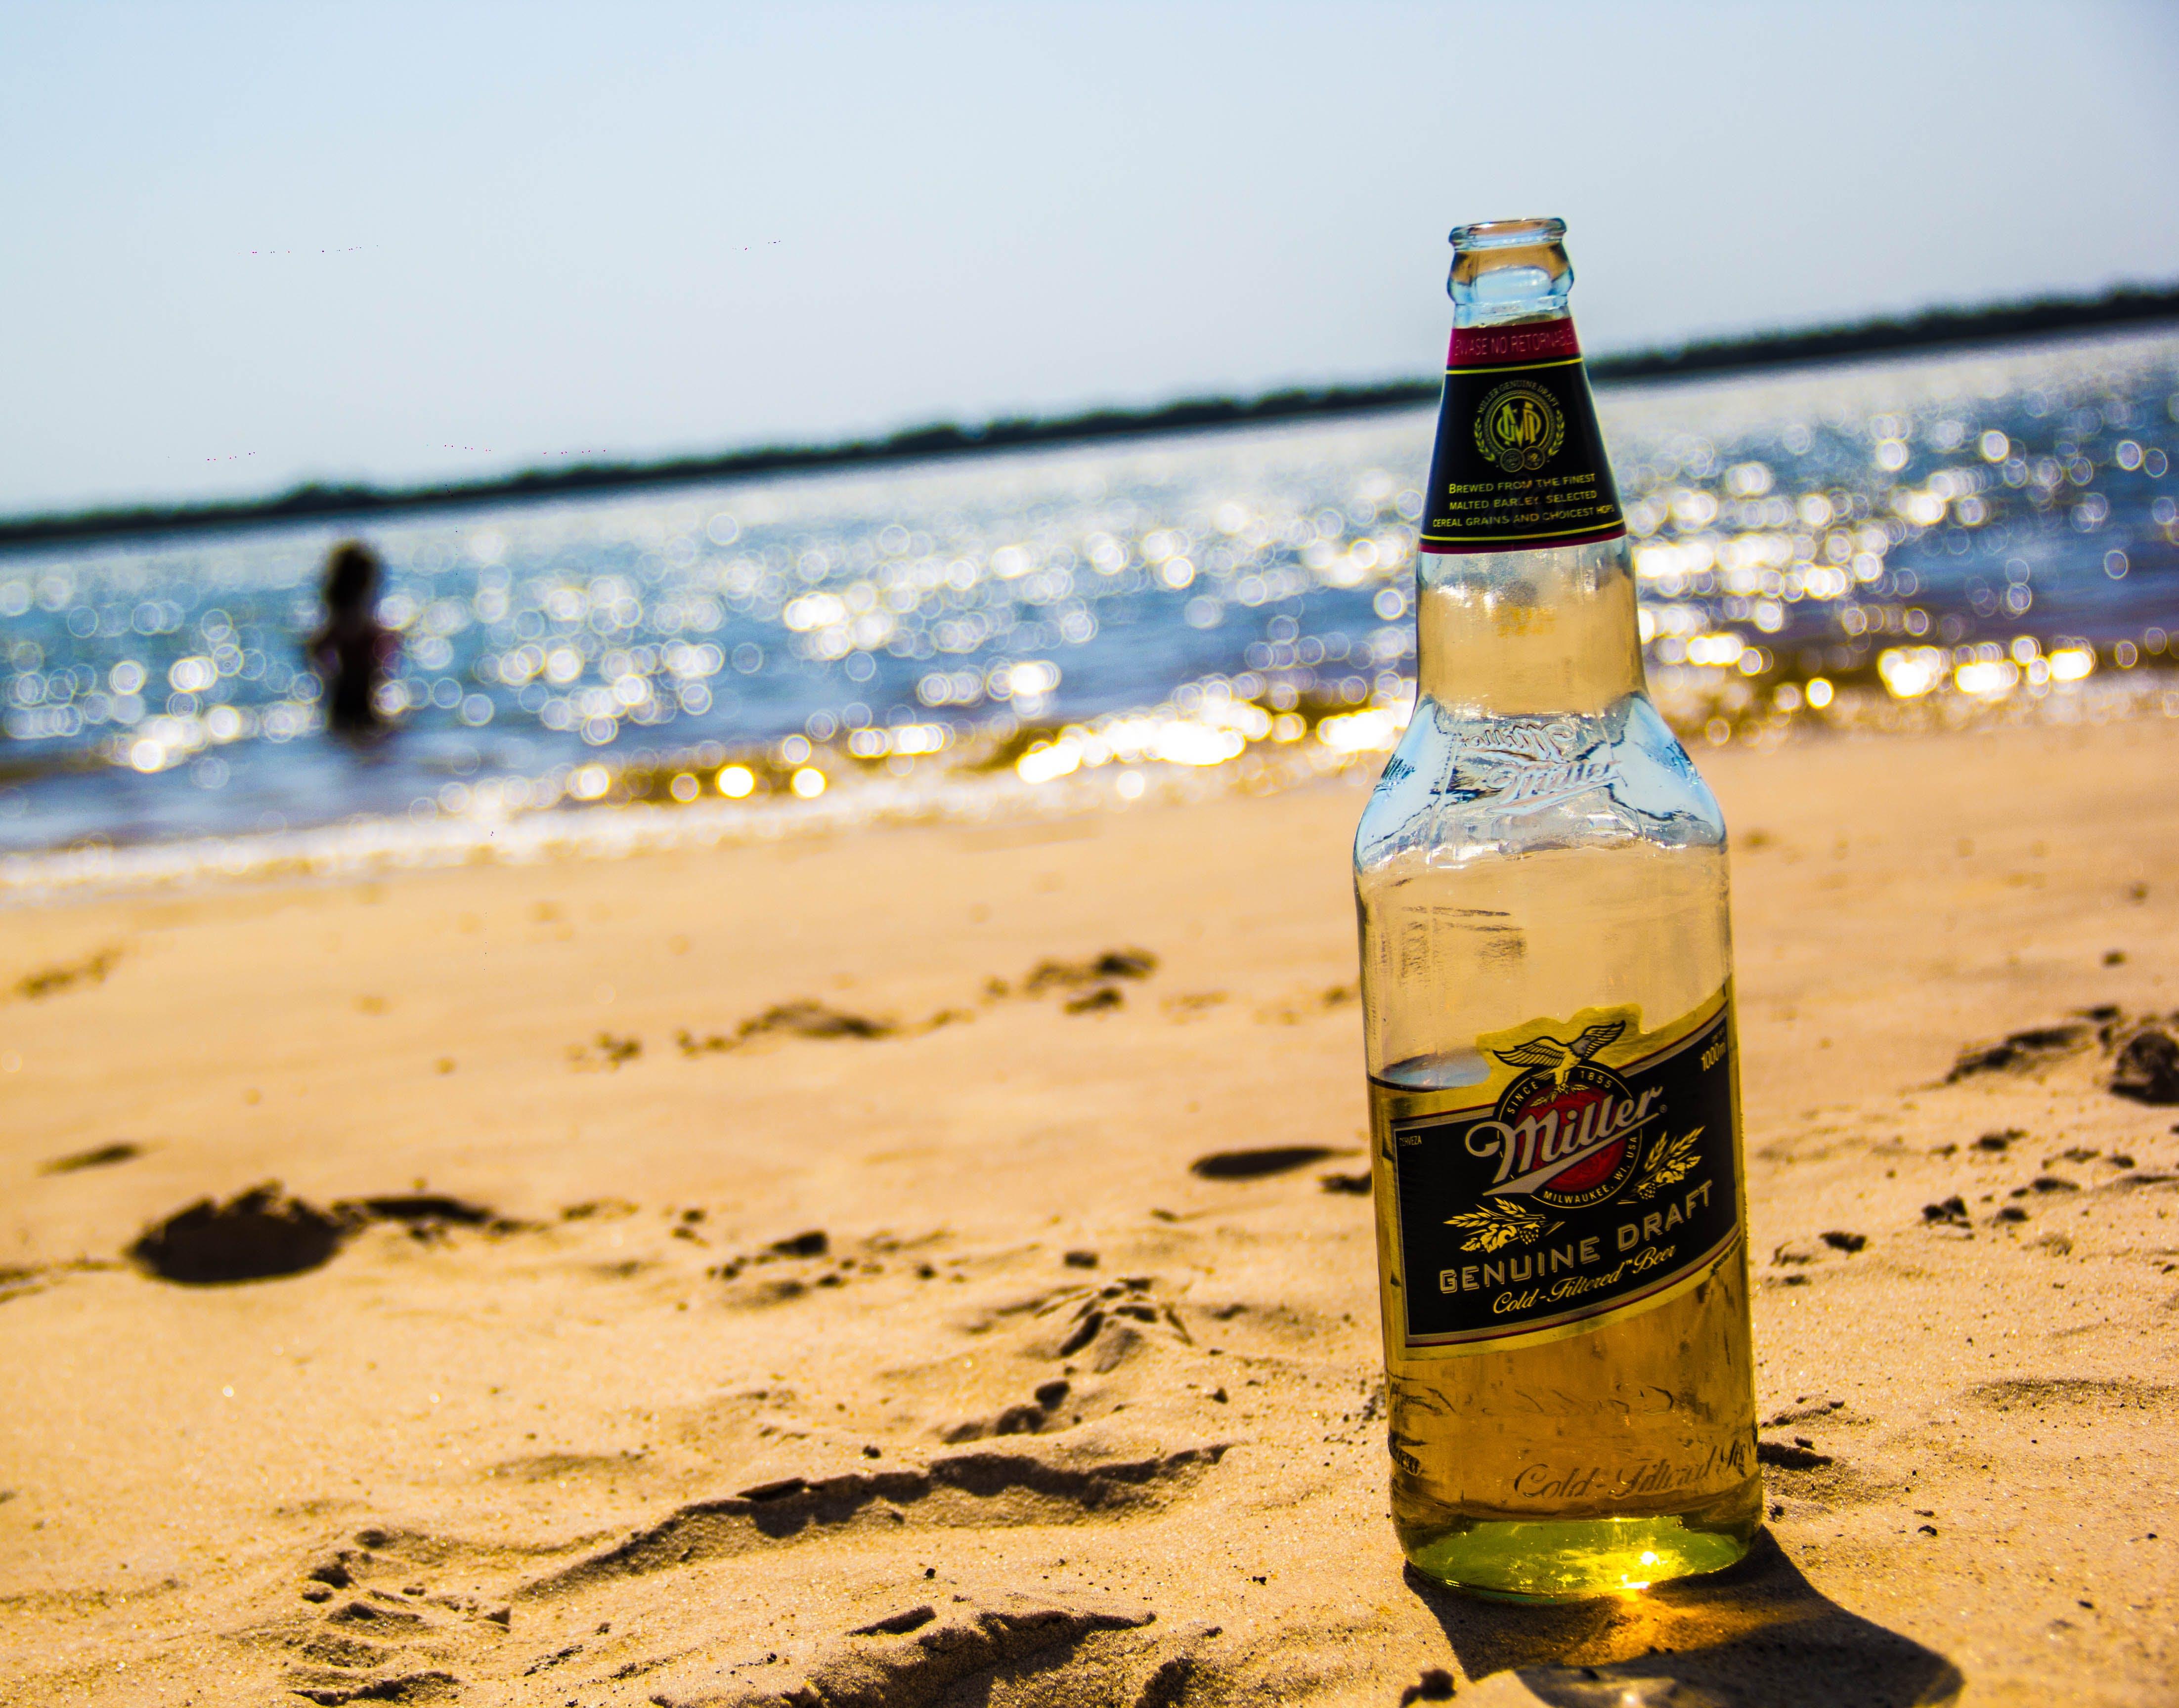 Free stock photo of beach, beer, beer bottle, blue water